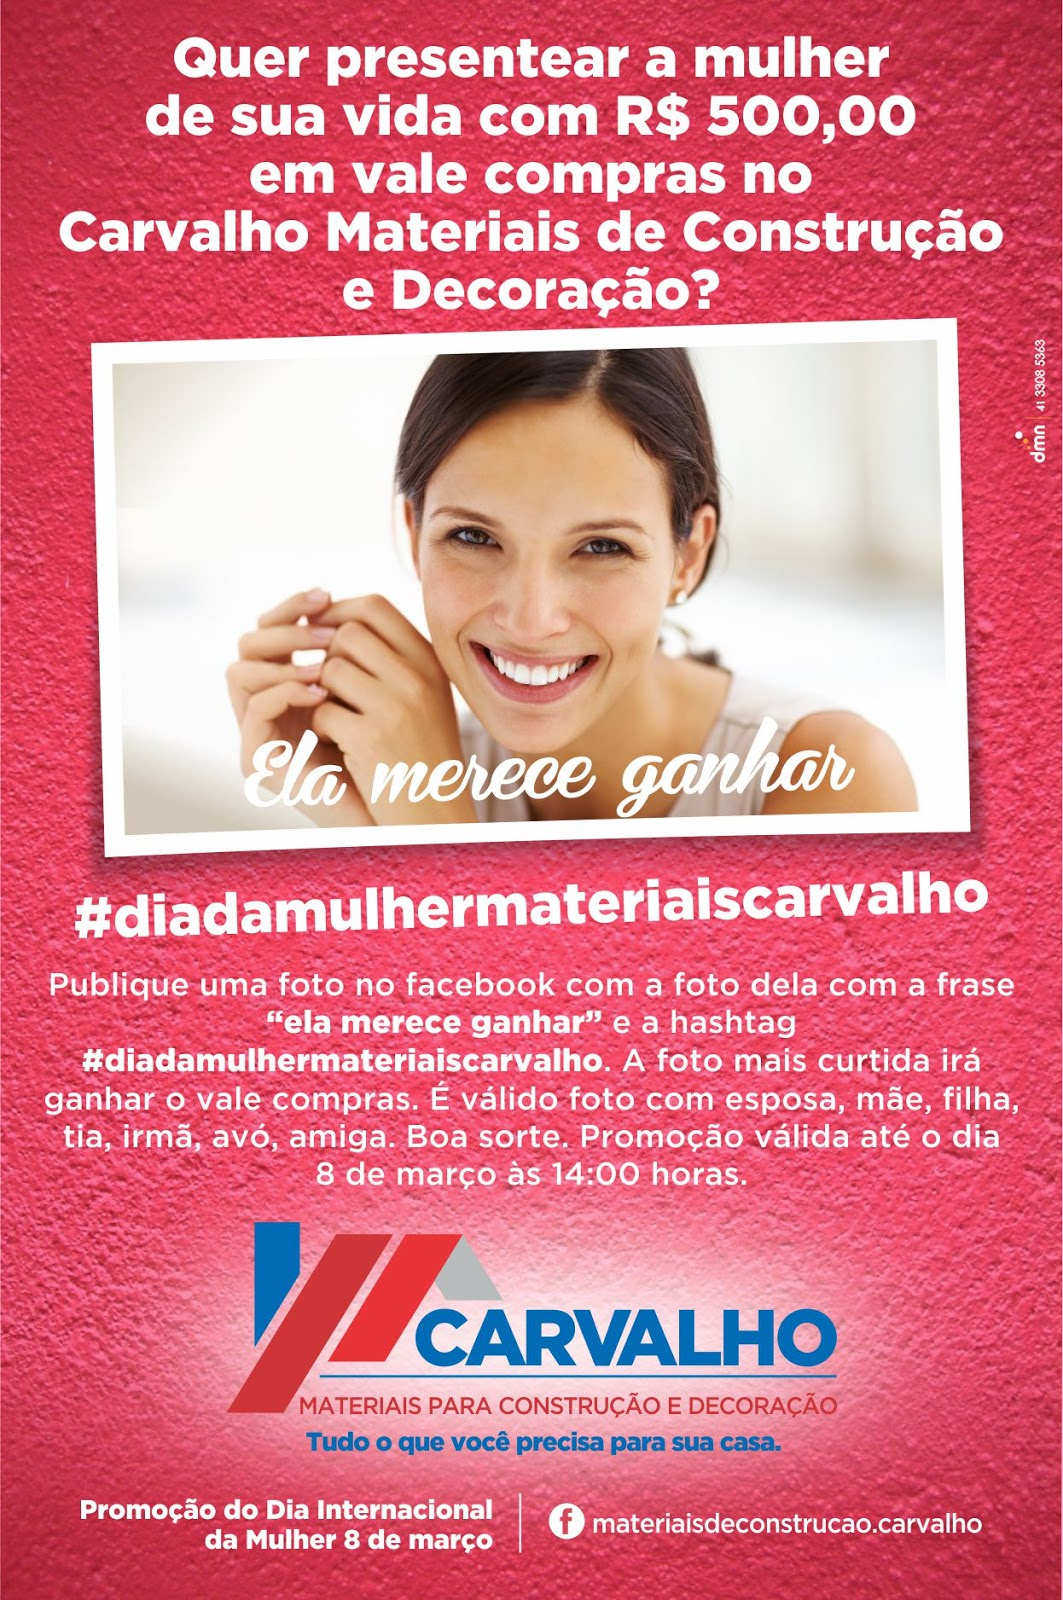 e23d36f0b Nancyara Lima ♥ Jornalista  Promoção Dia Internacional da Mulher